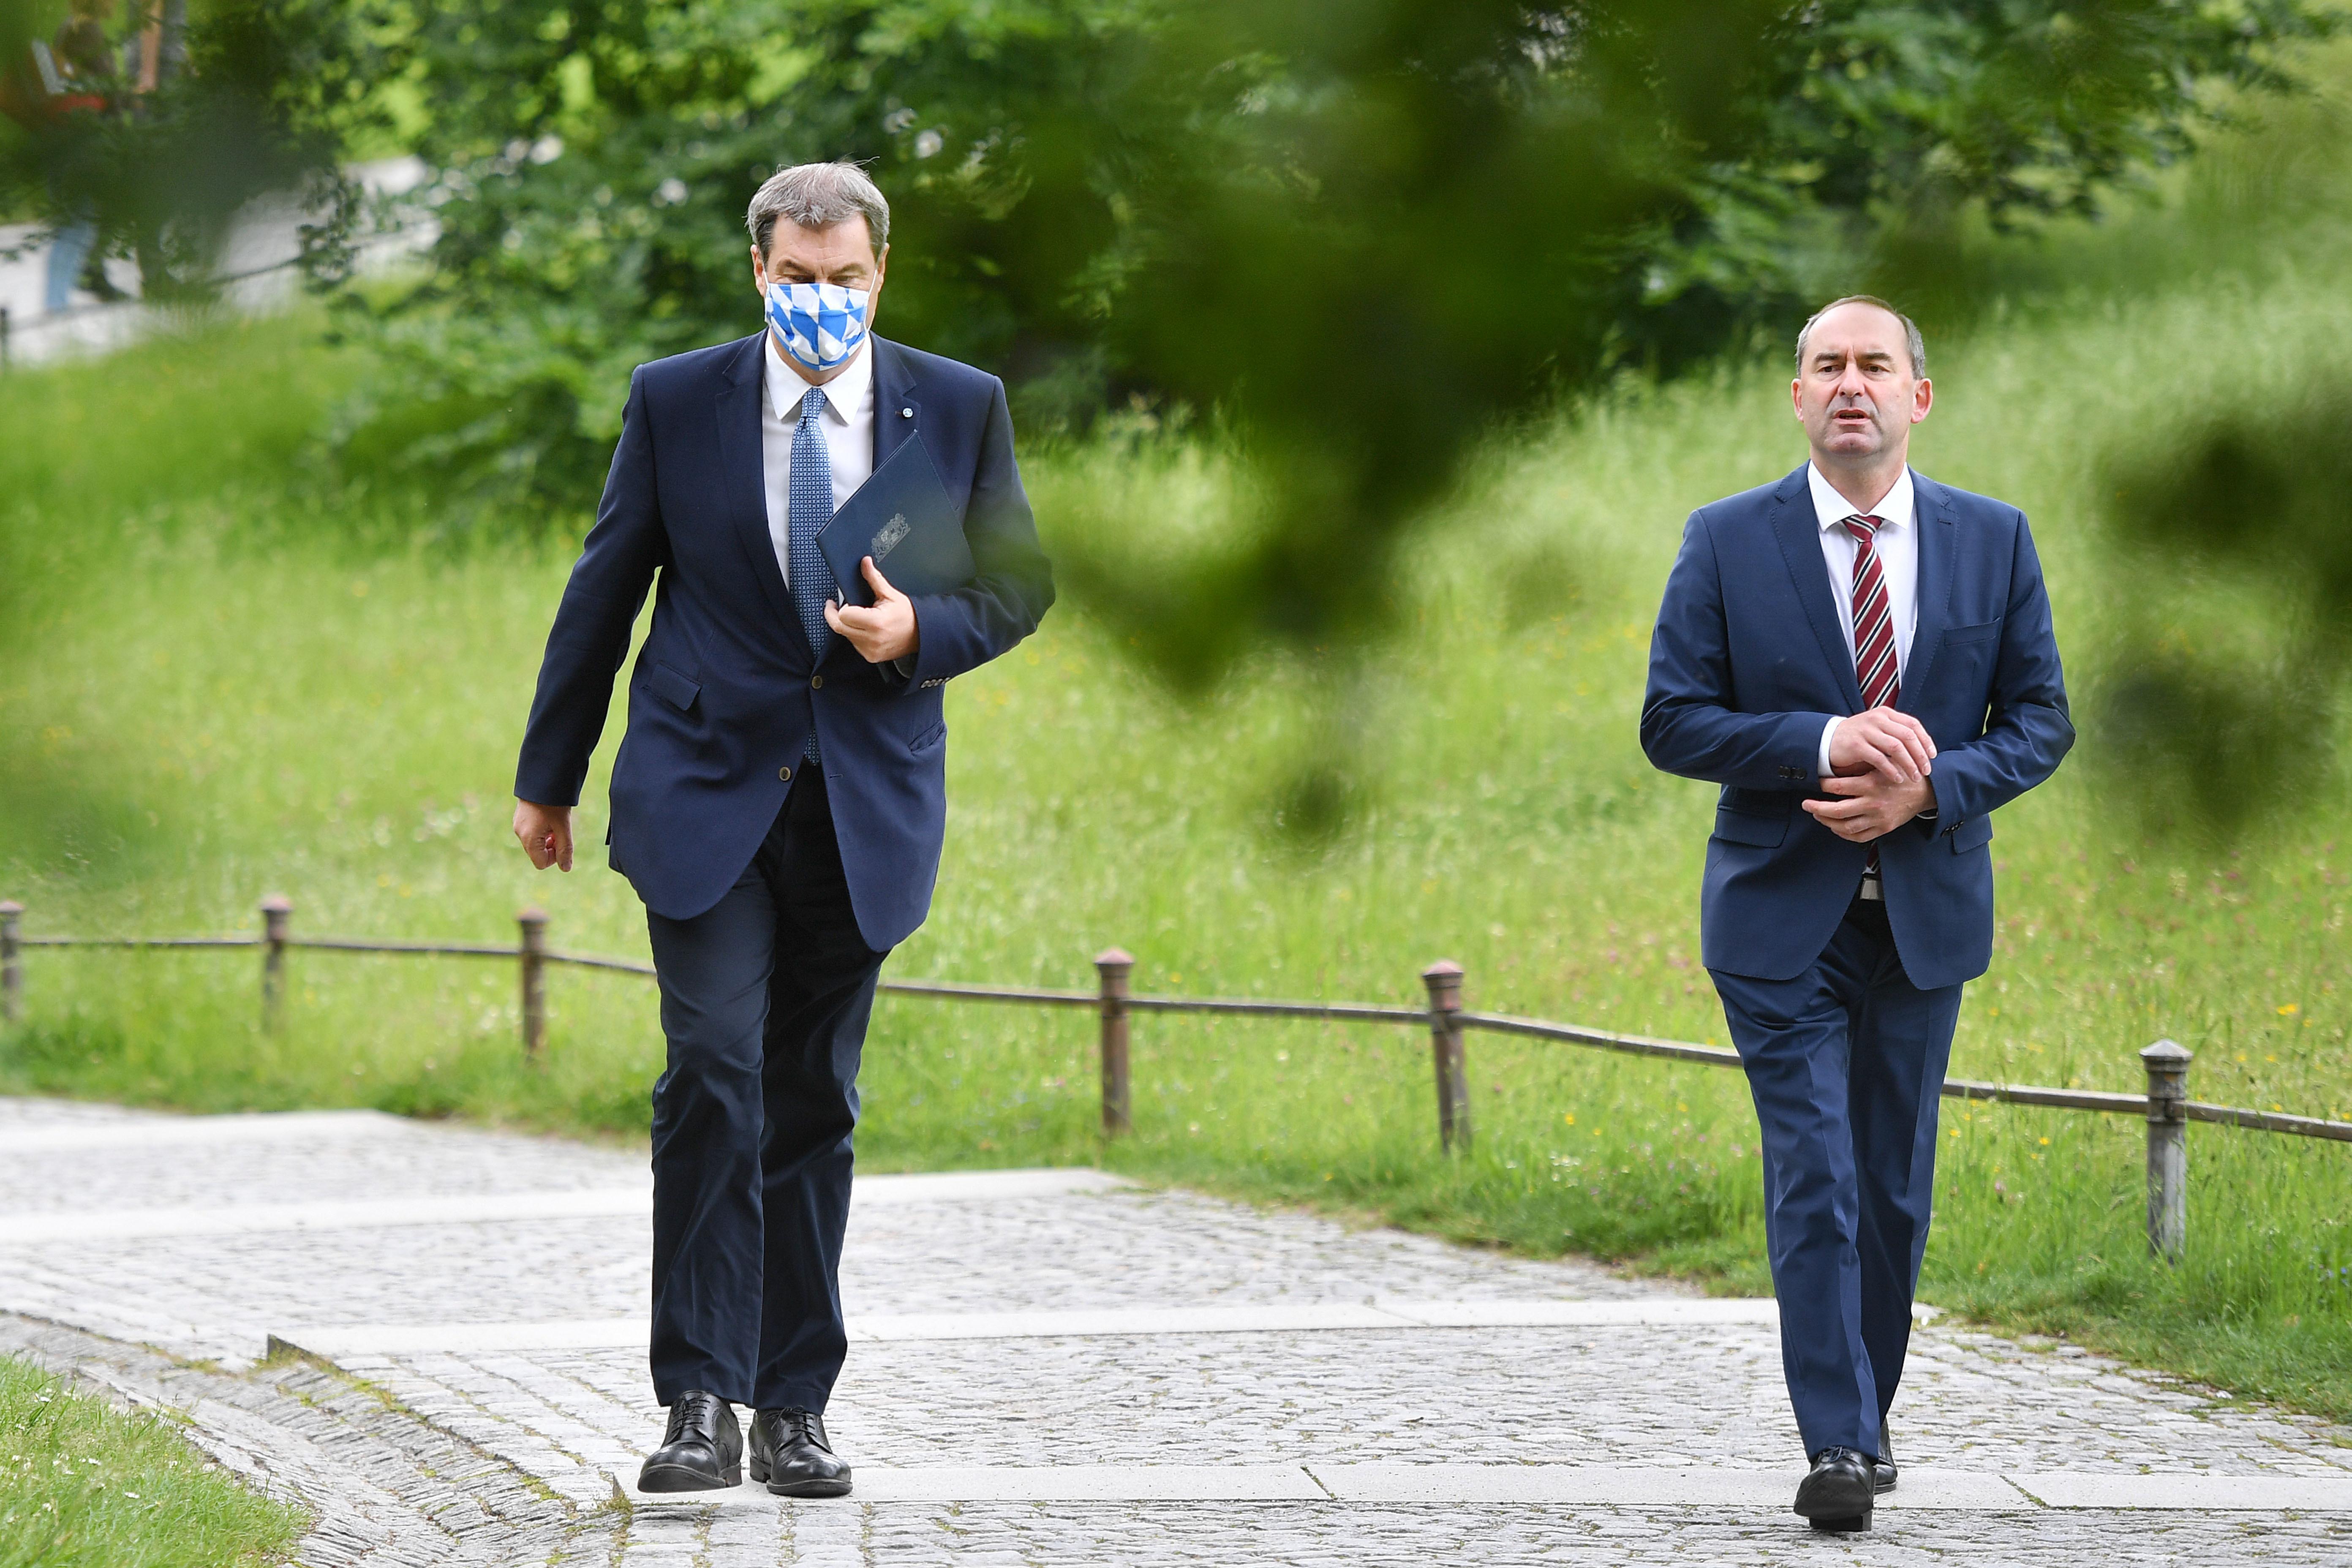 Bayerns Ministerpräsident Markus Söder (CSU), zusammen mit Wirtschatfsminister Hubert Aiwanger (Freie Wähler).